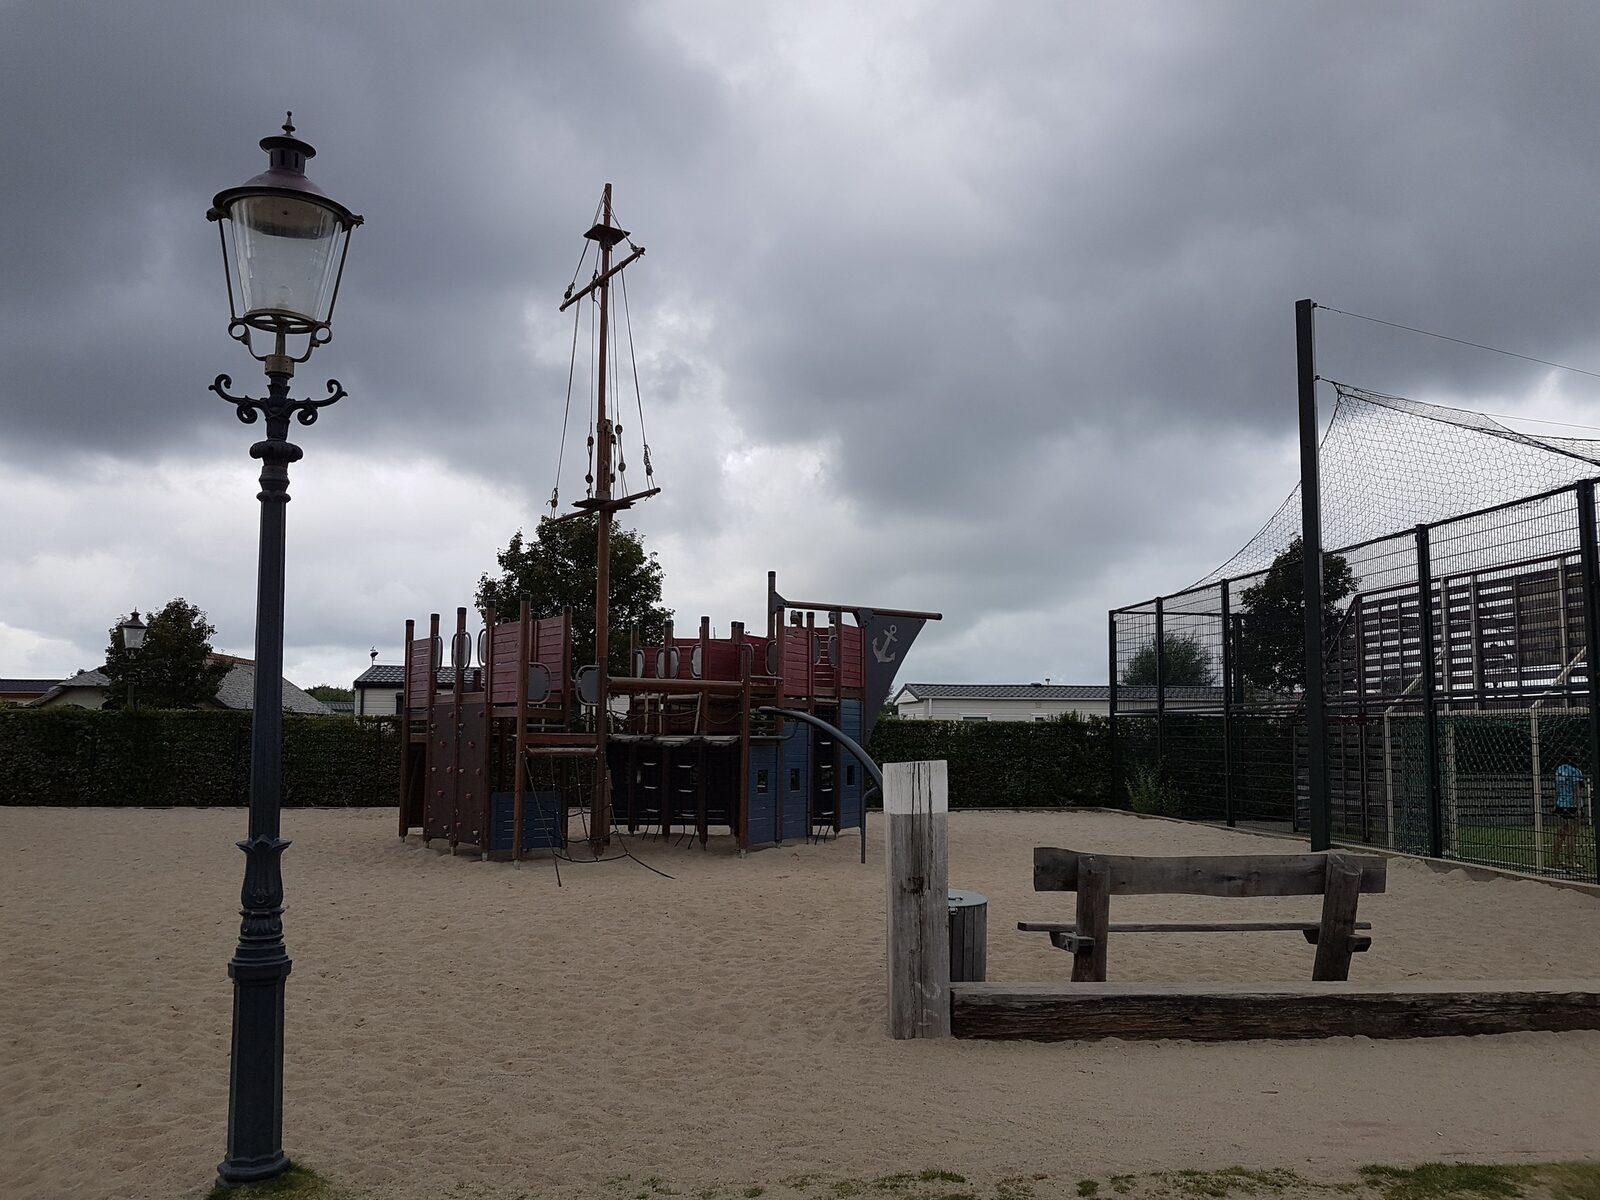 Ferienchalet - Hoogenboomlaan | Renesse 'Fazant'